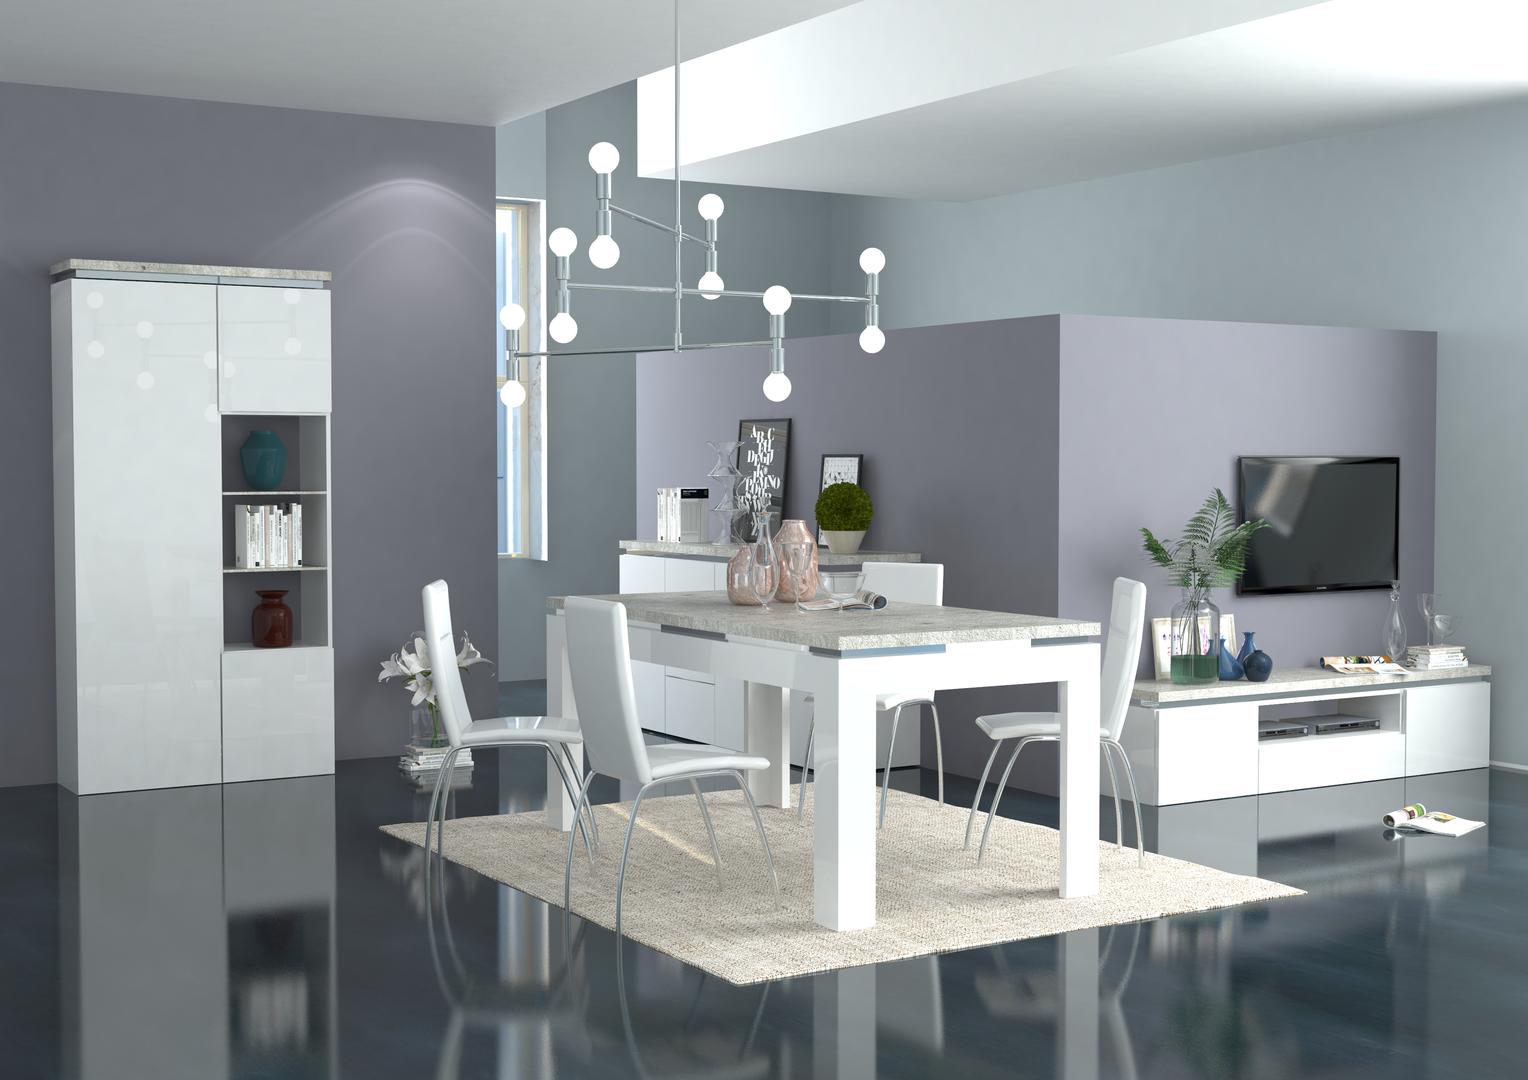 Salotto Moderno Elegante : Mobile porta tv bianco messico per soggiorno moderno elegante